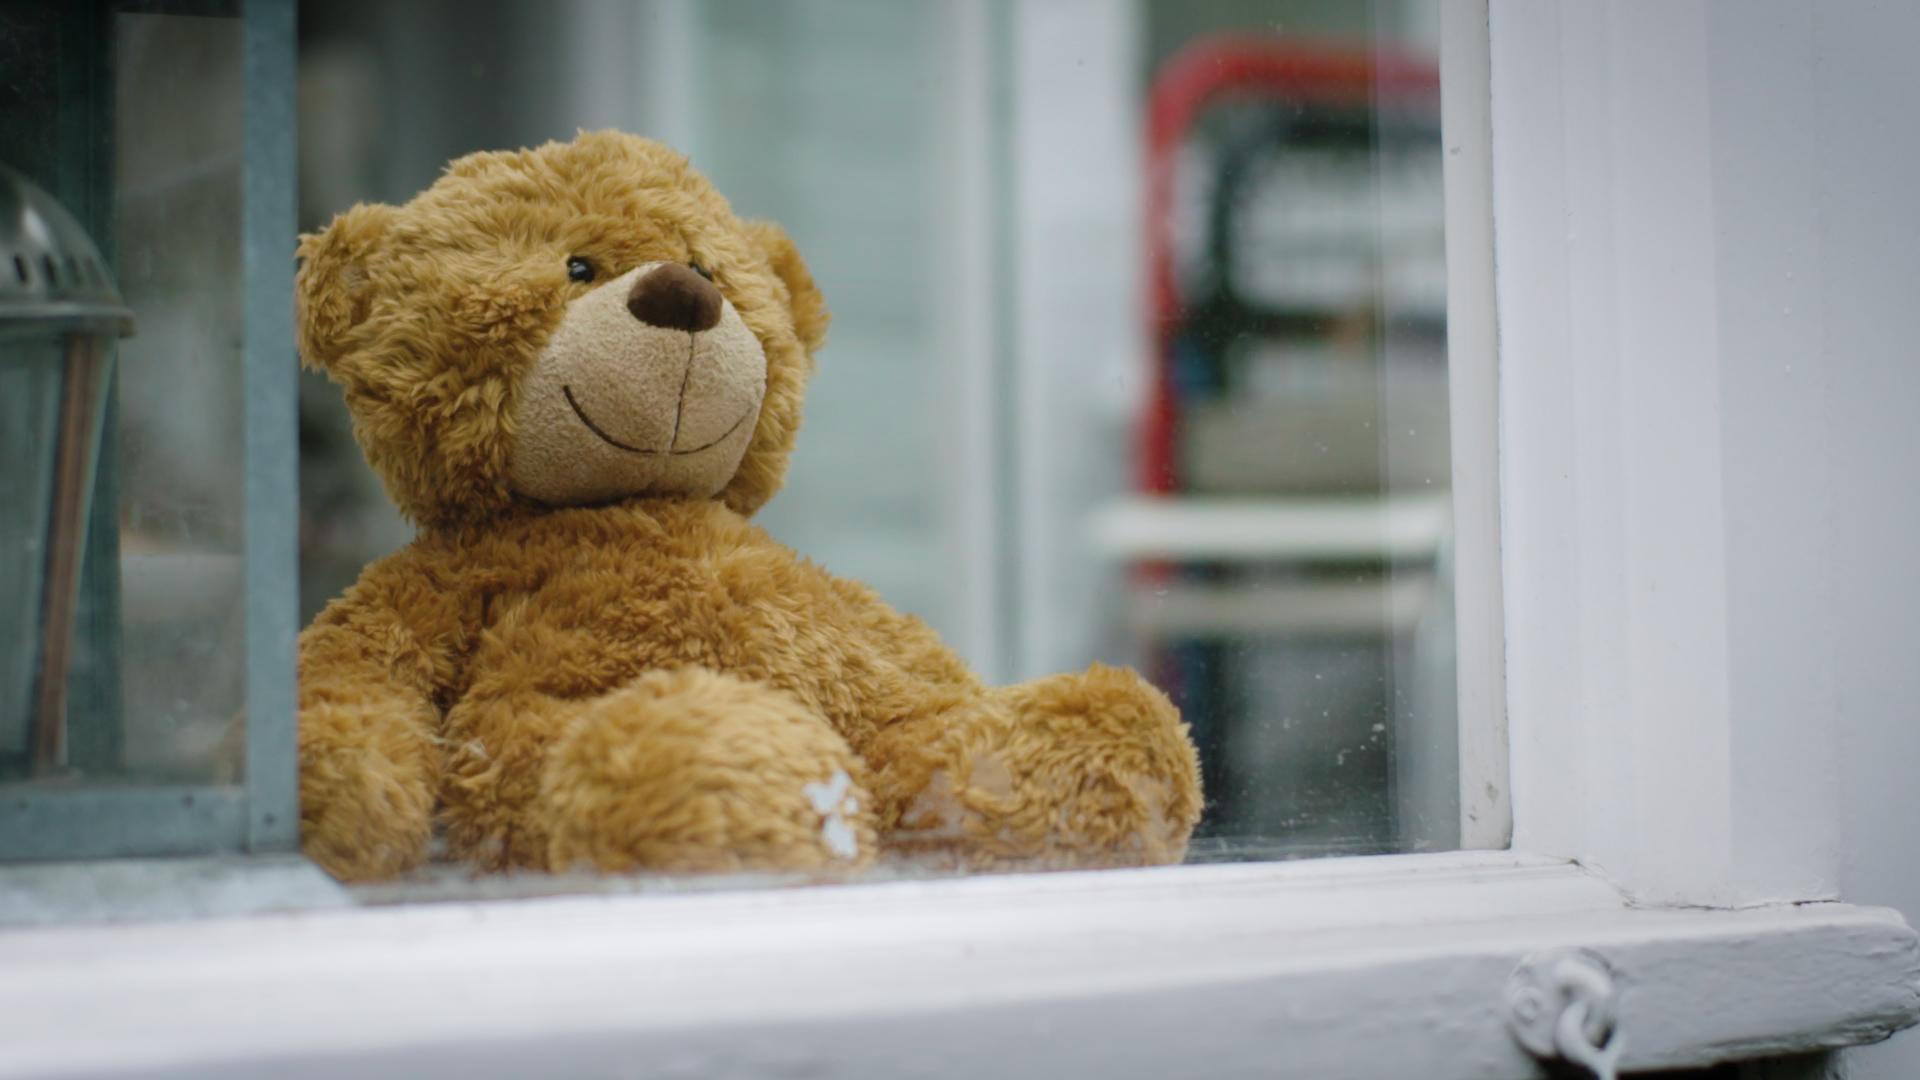 Teddy Bear-Faced Liars